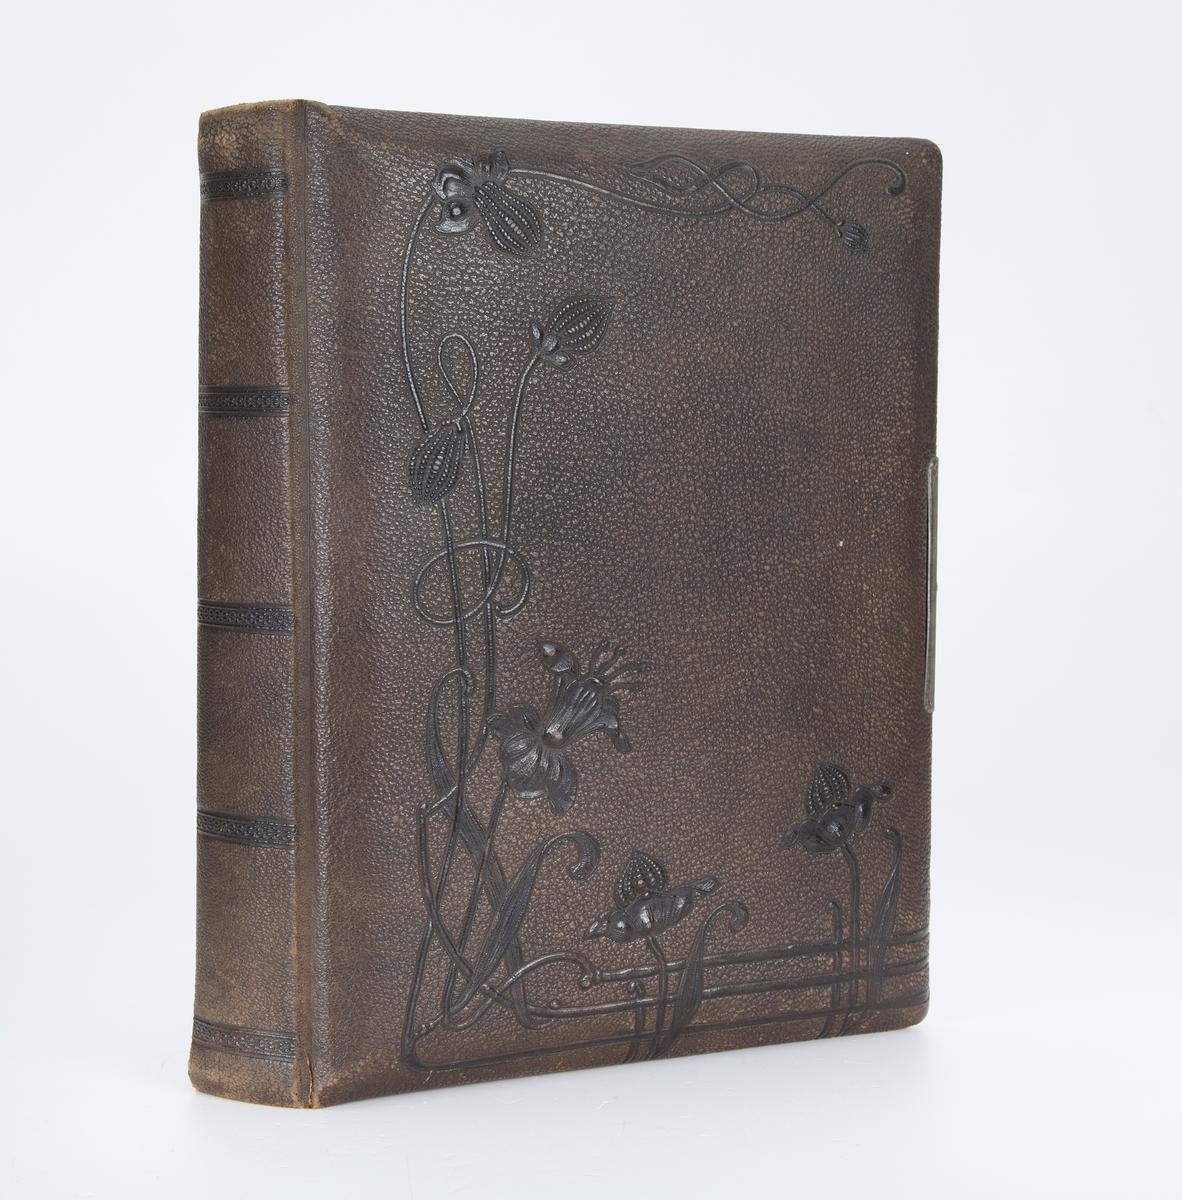 Skinntrukket. Album tilhørt Haakon Ødegaarden, født 1884 Frogn – død 30/9 1963 Frogn. Bosatt Lille Glosli – Frogn. Han var kasserer i Frogn Sparebank. «Testamentarisk gave til Follo Historie og museumslag».